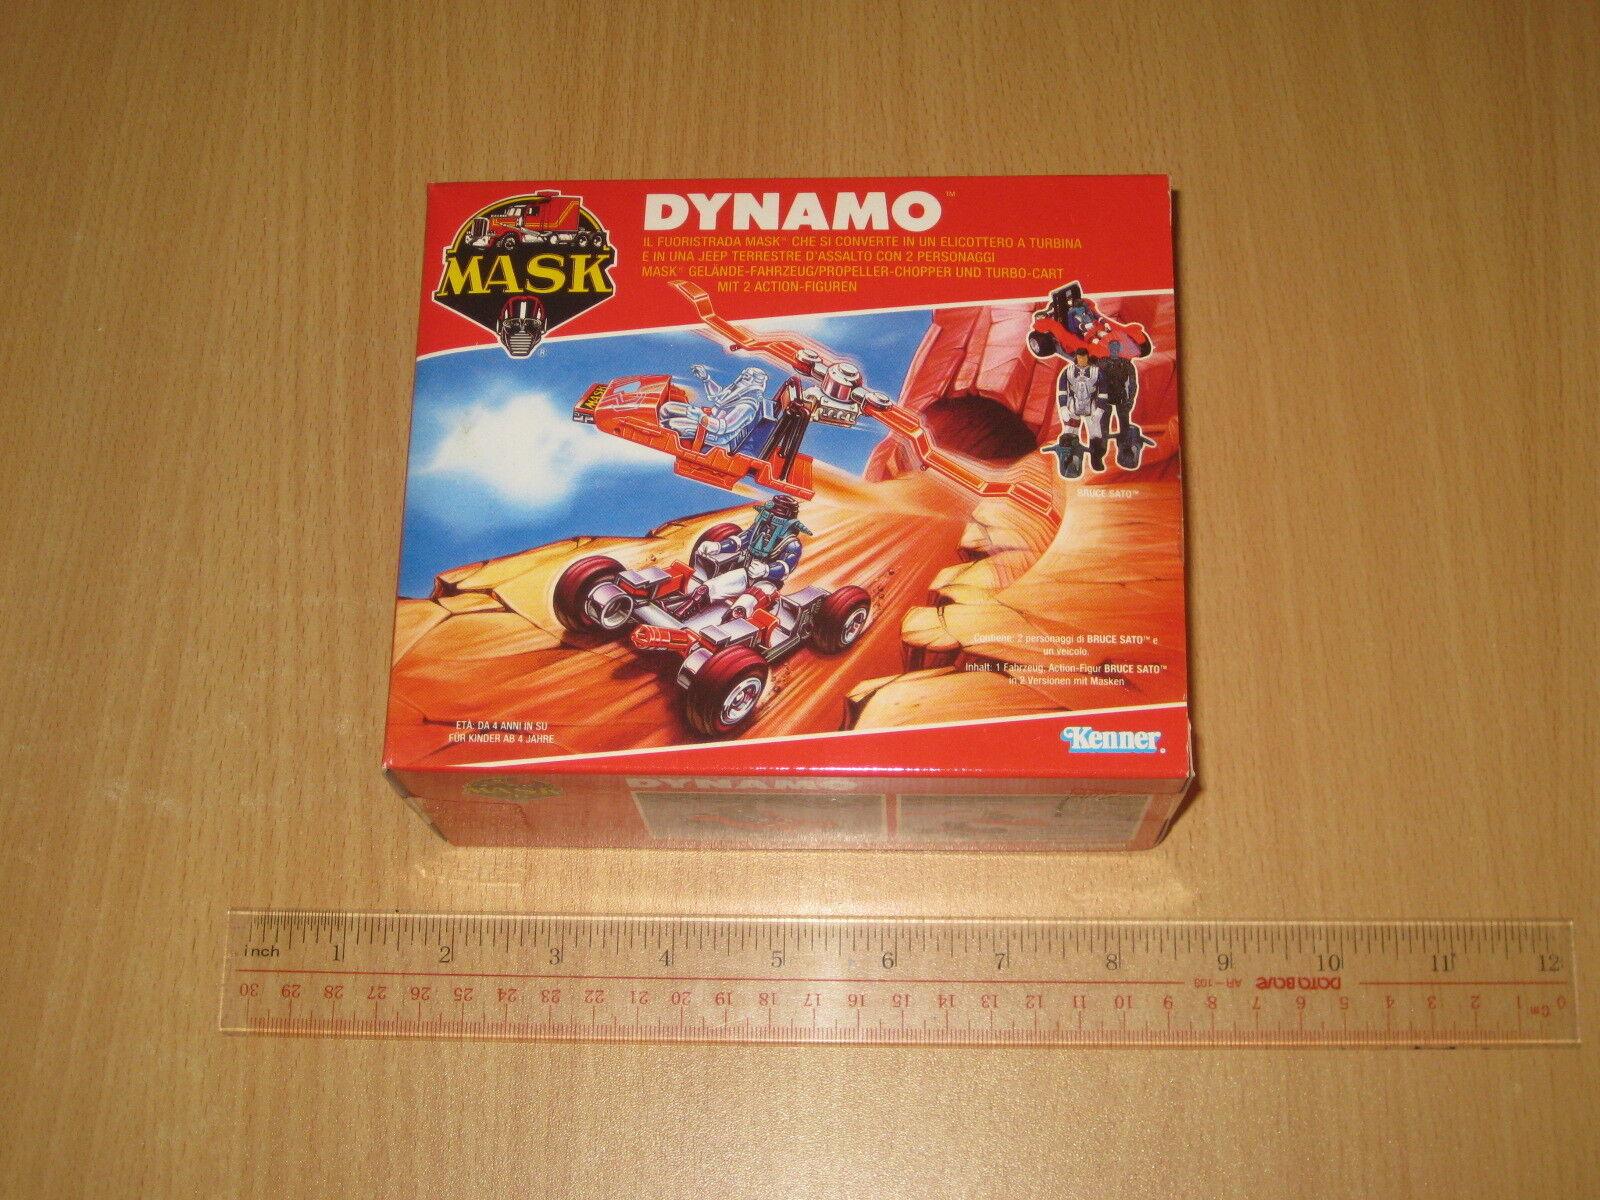 Kenner Vintage MASK(M.A.S.K.) Dynamo 1987 Box C8